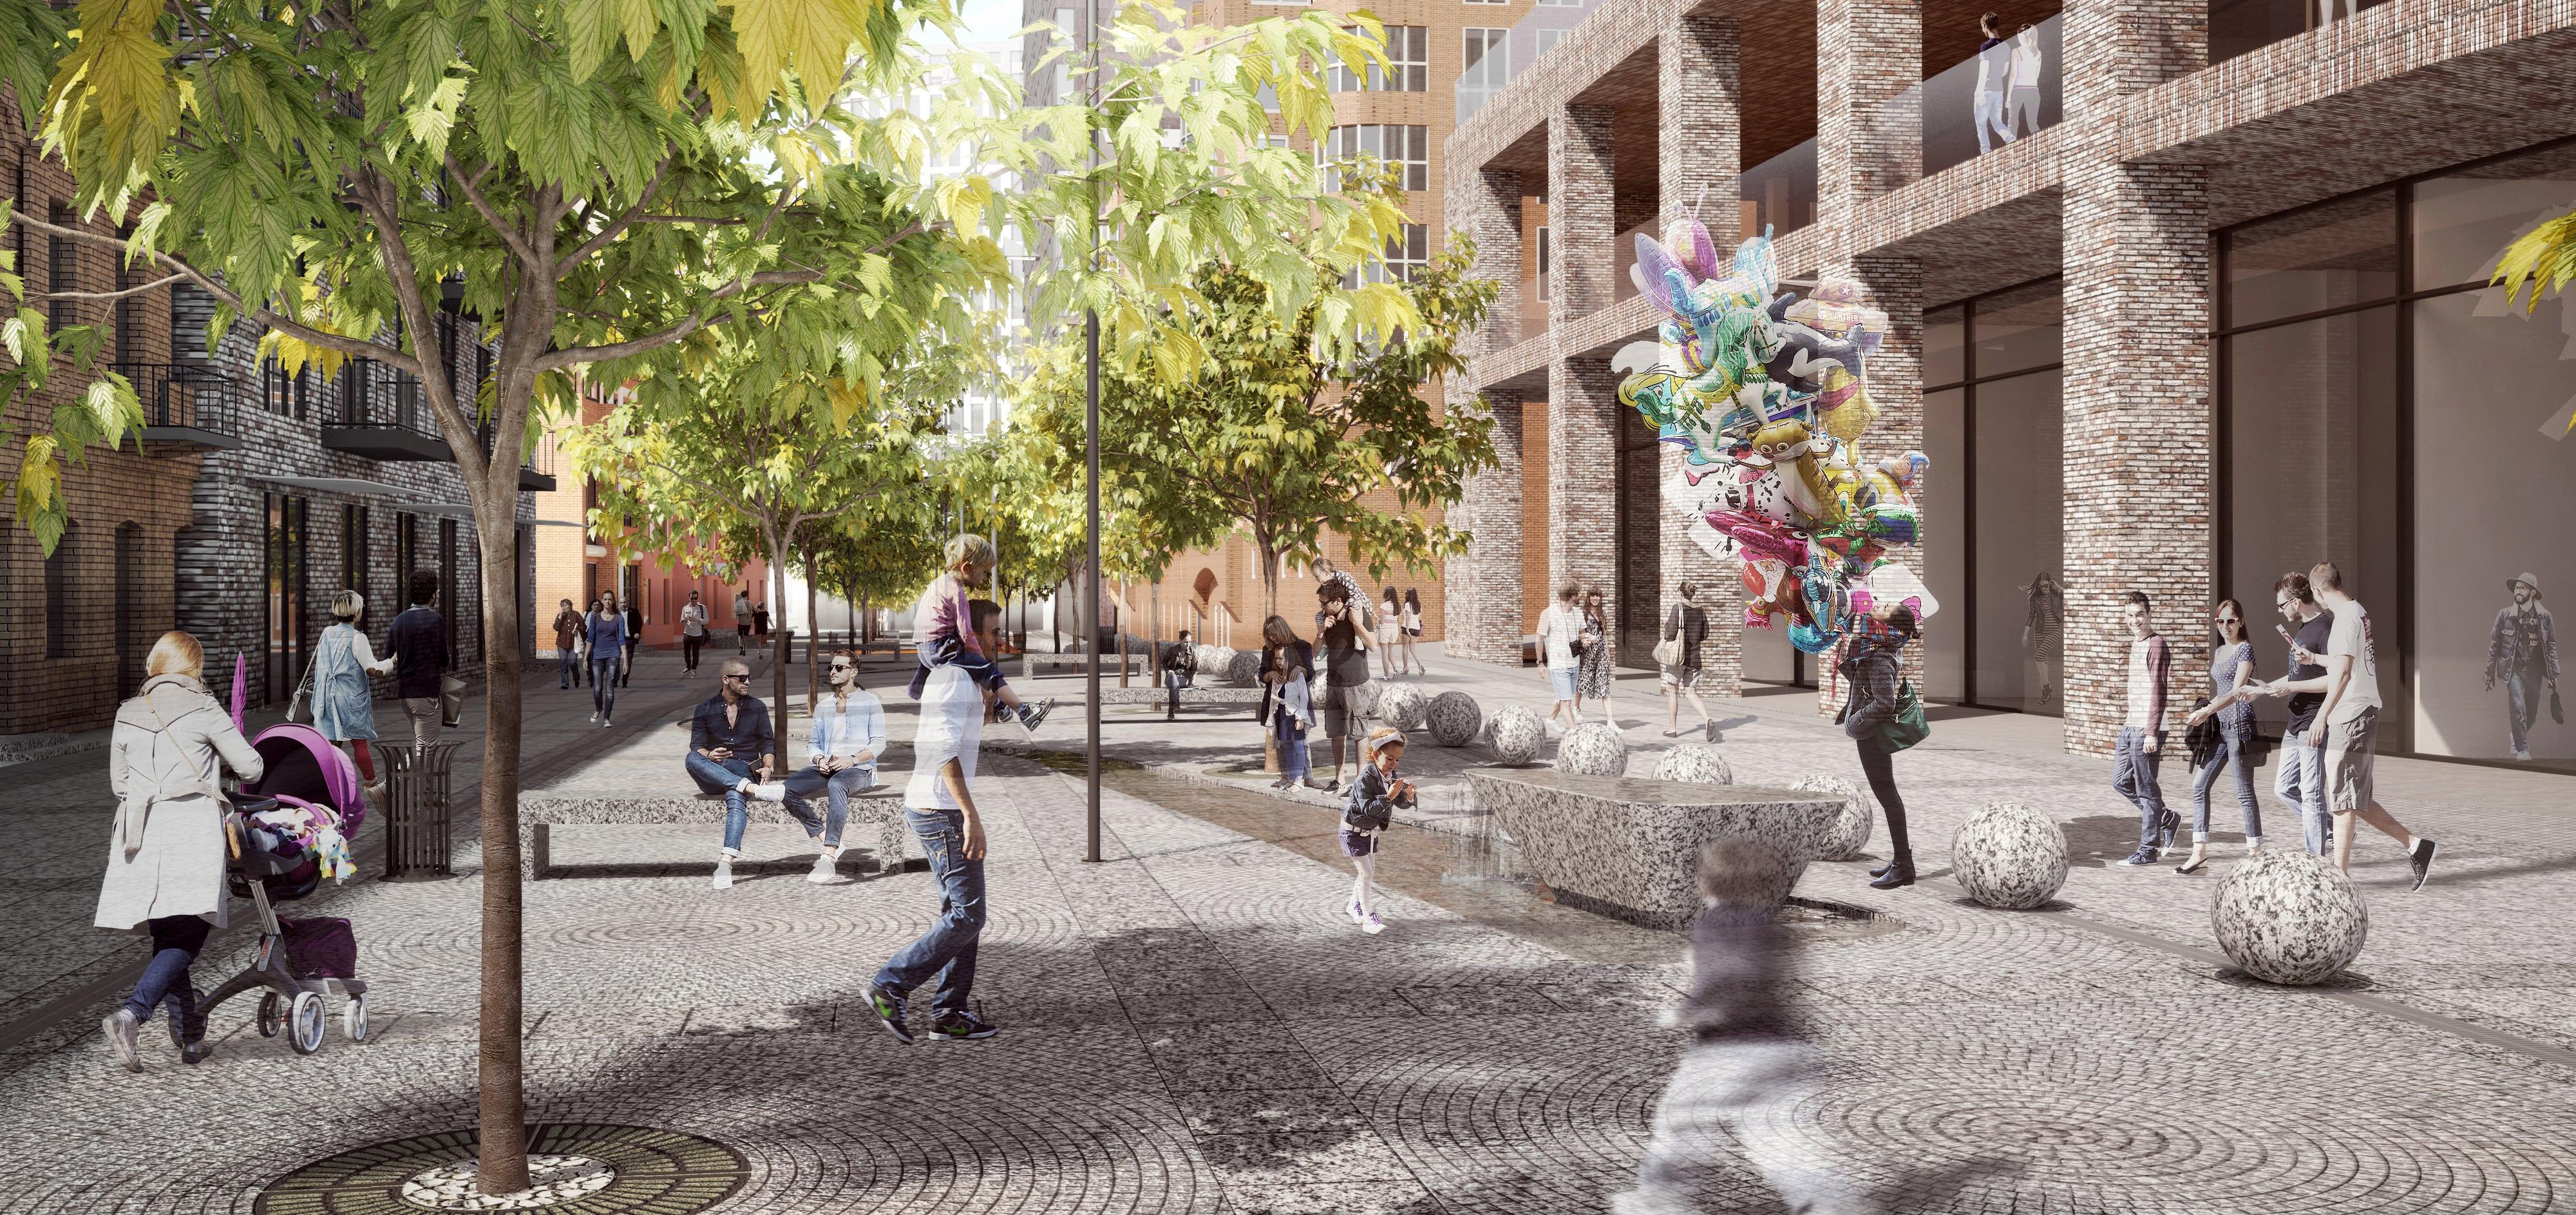 Річка, бульвари, пішоходи: акценти у проектах дніпровських архітекторів. Нотатки з фестивалю PROSTONEBA